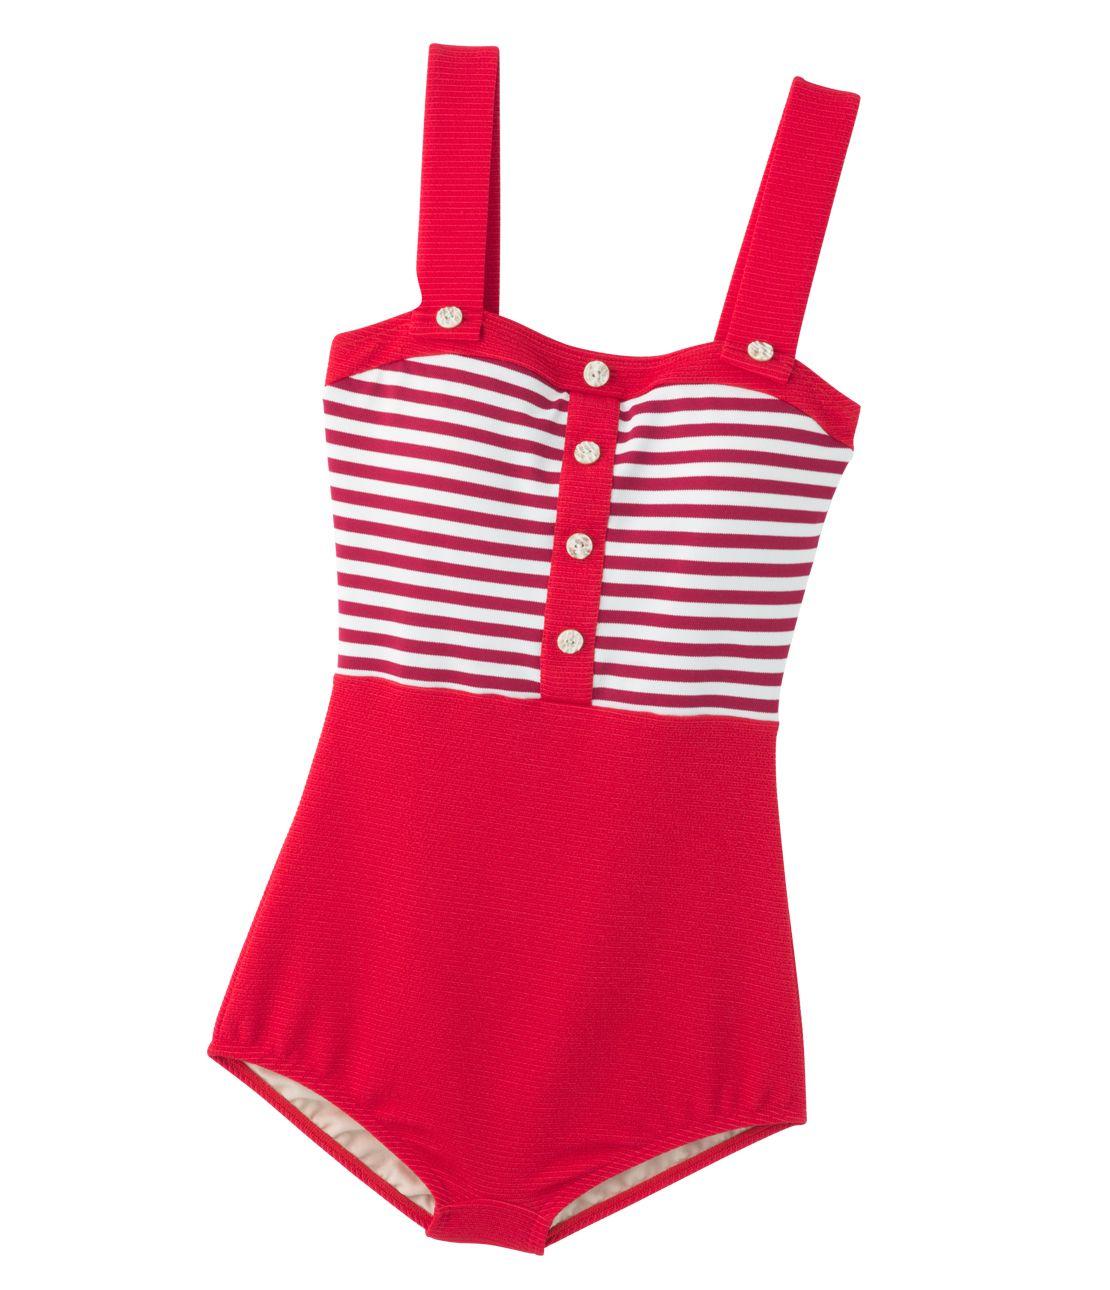 YM復古風格的泳裝